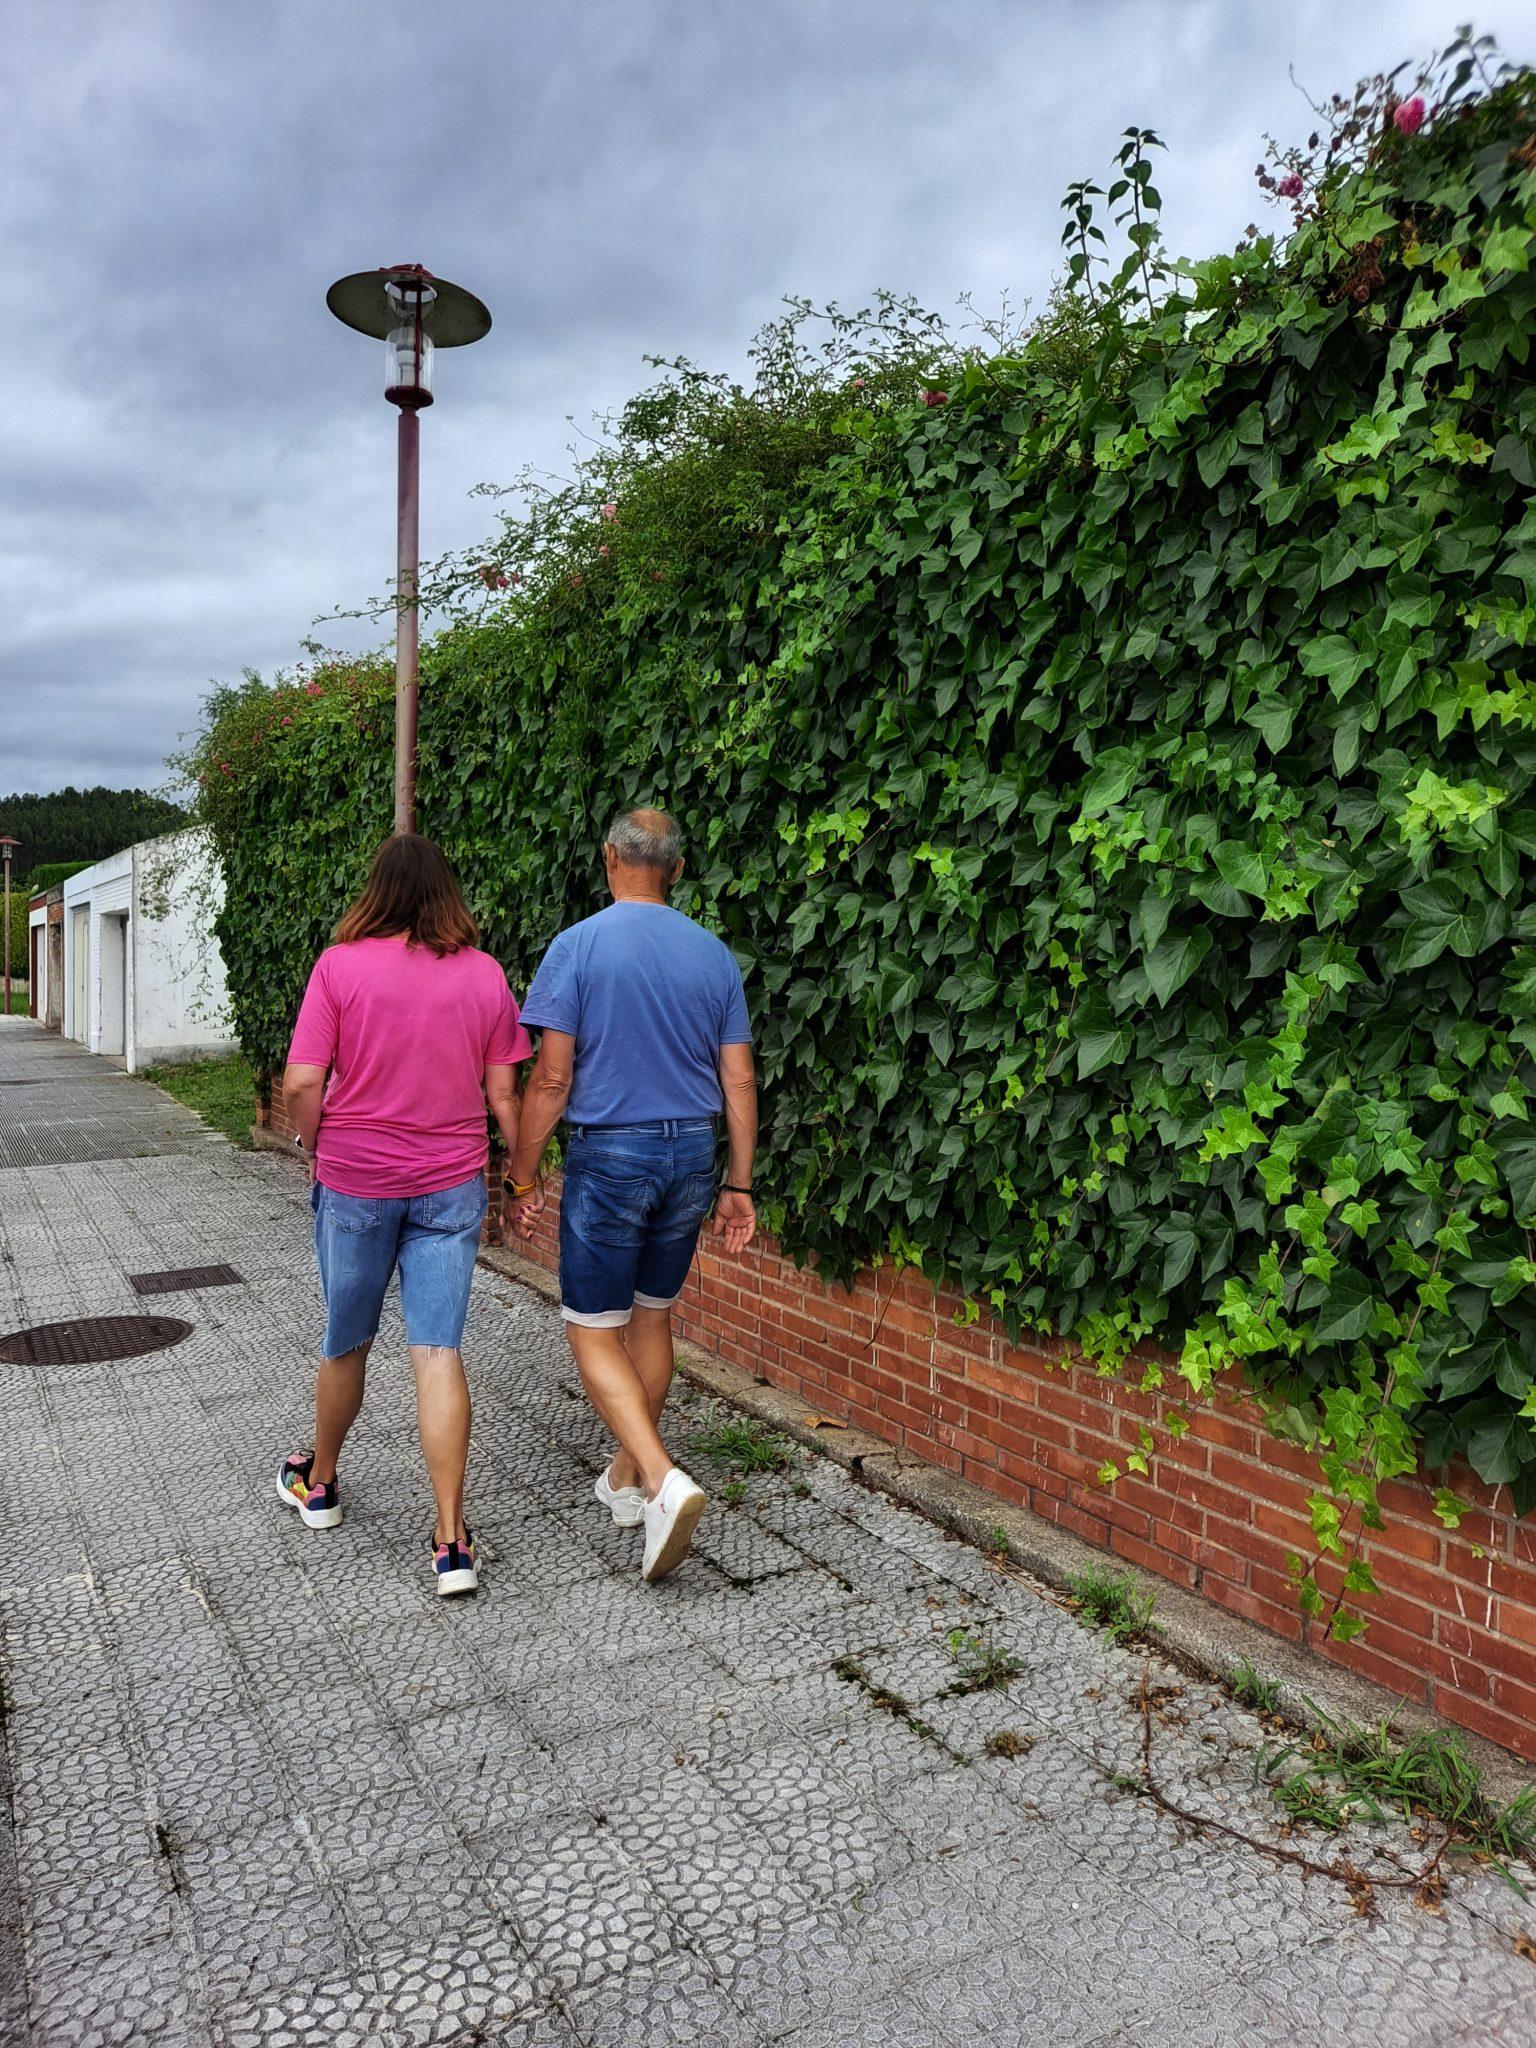 los abuelo pasean juntos de la mano.